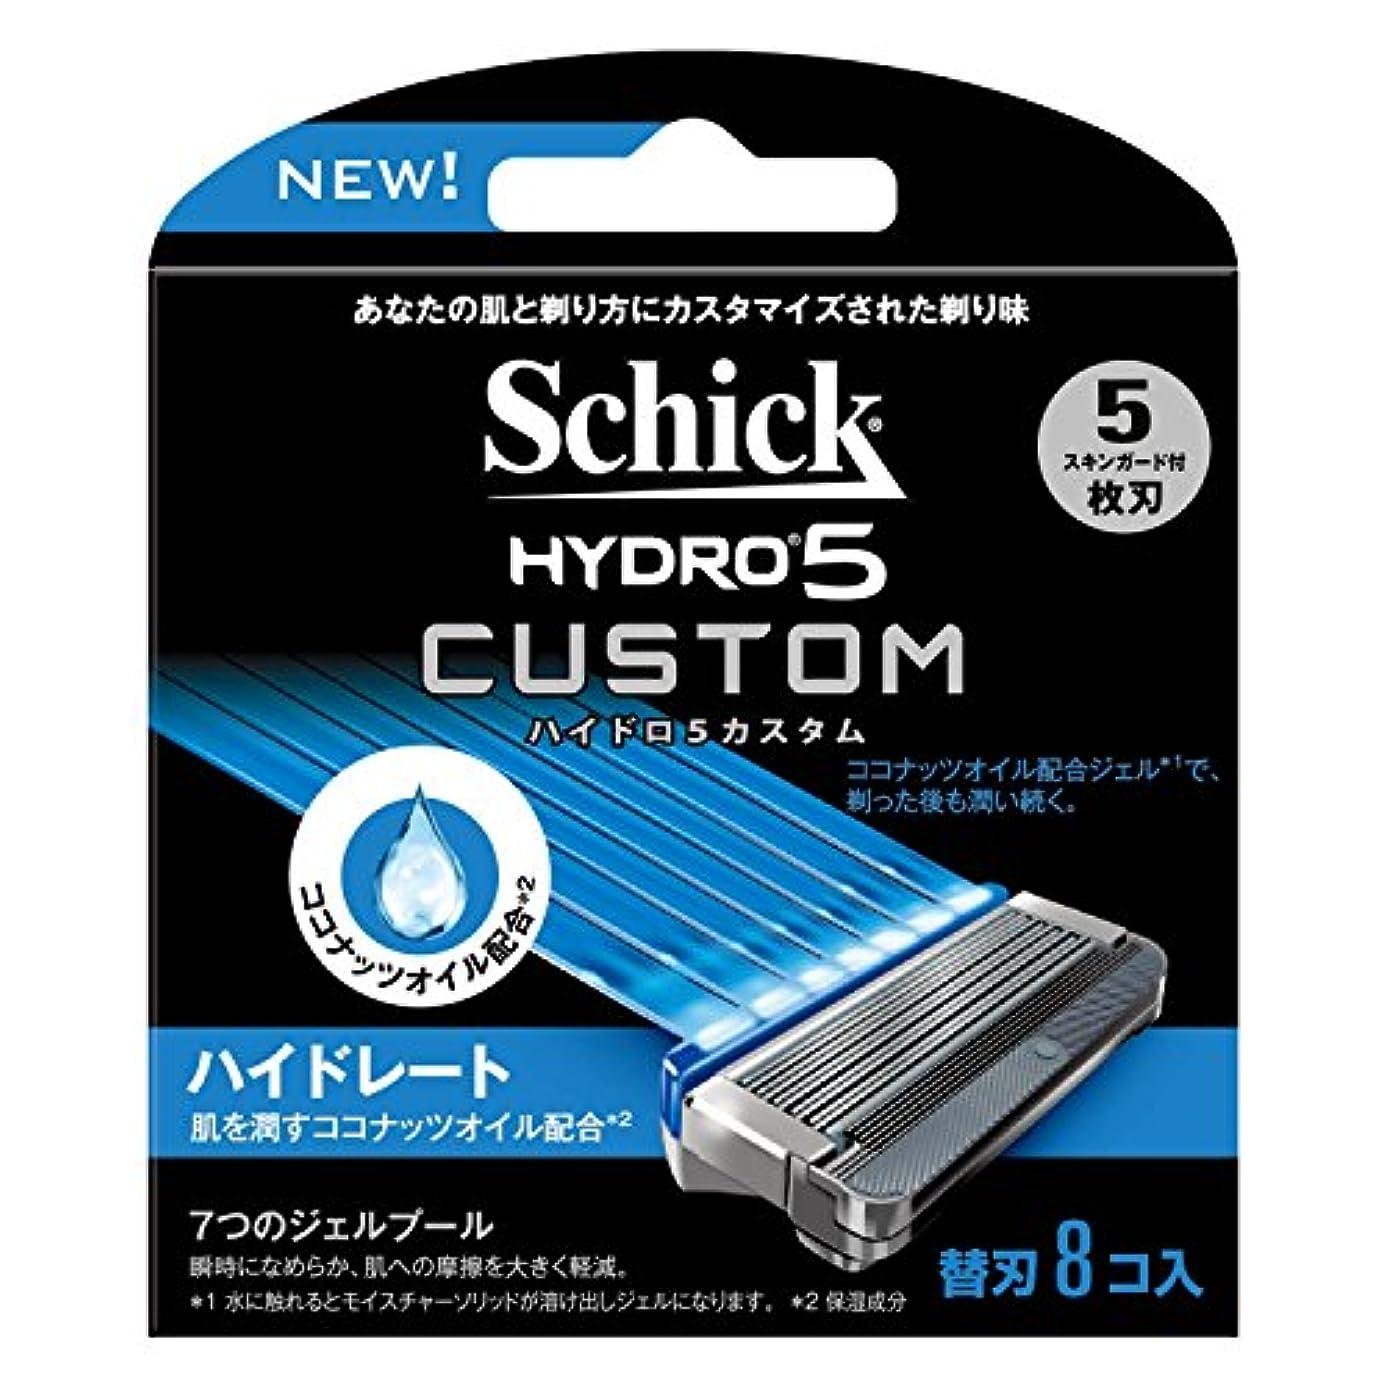 アドバイスライター赤外線シック Schick 5枚刃 ハイドロ5 カスタム ハイドレート 替刃 8コ入 男性 カミソリ 替刃8個 単品 ハイドロ5カスタム替刃8個